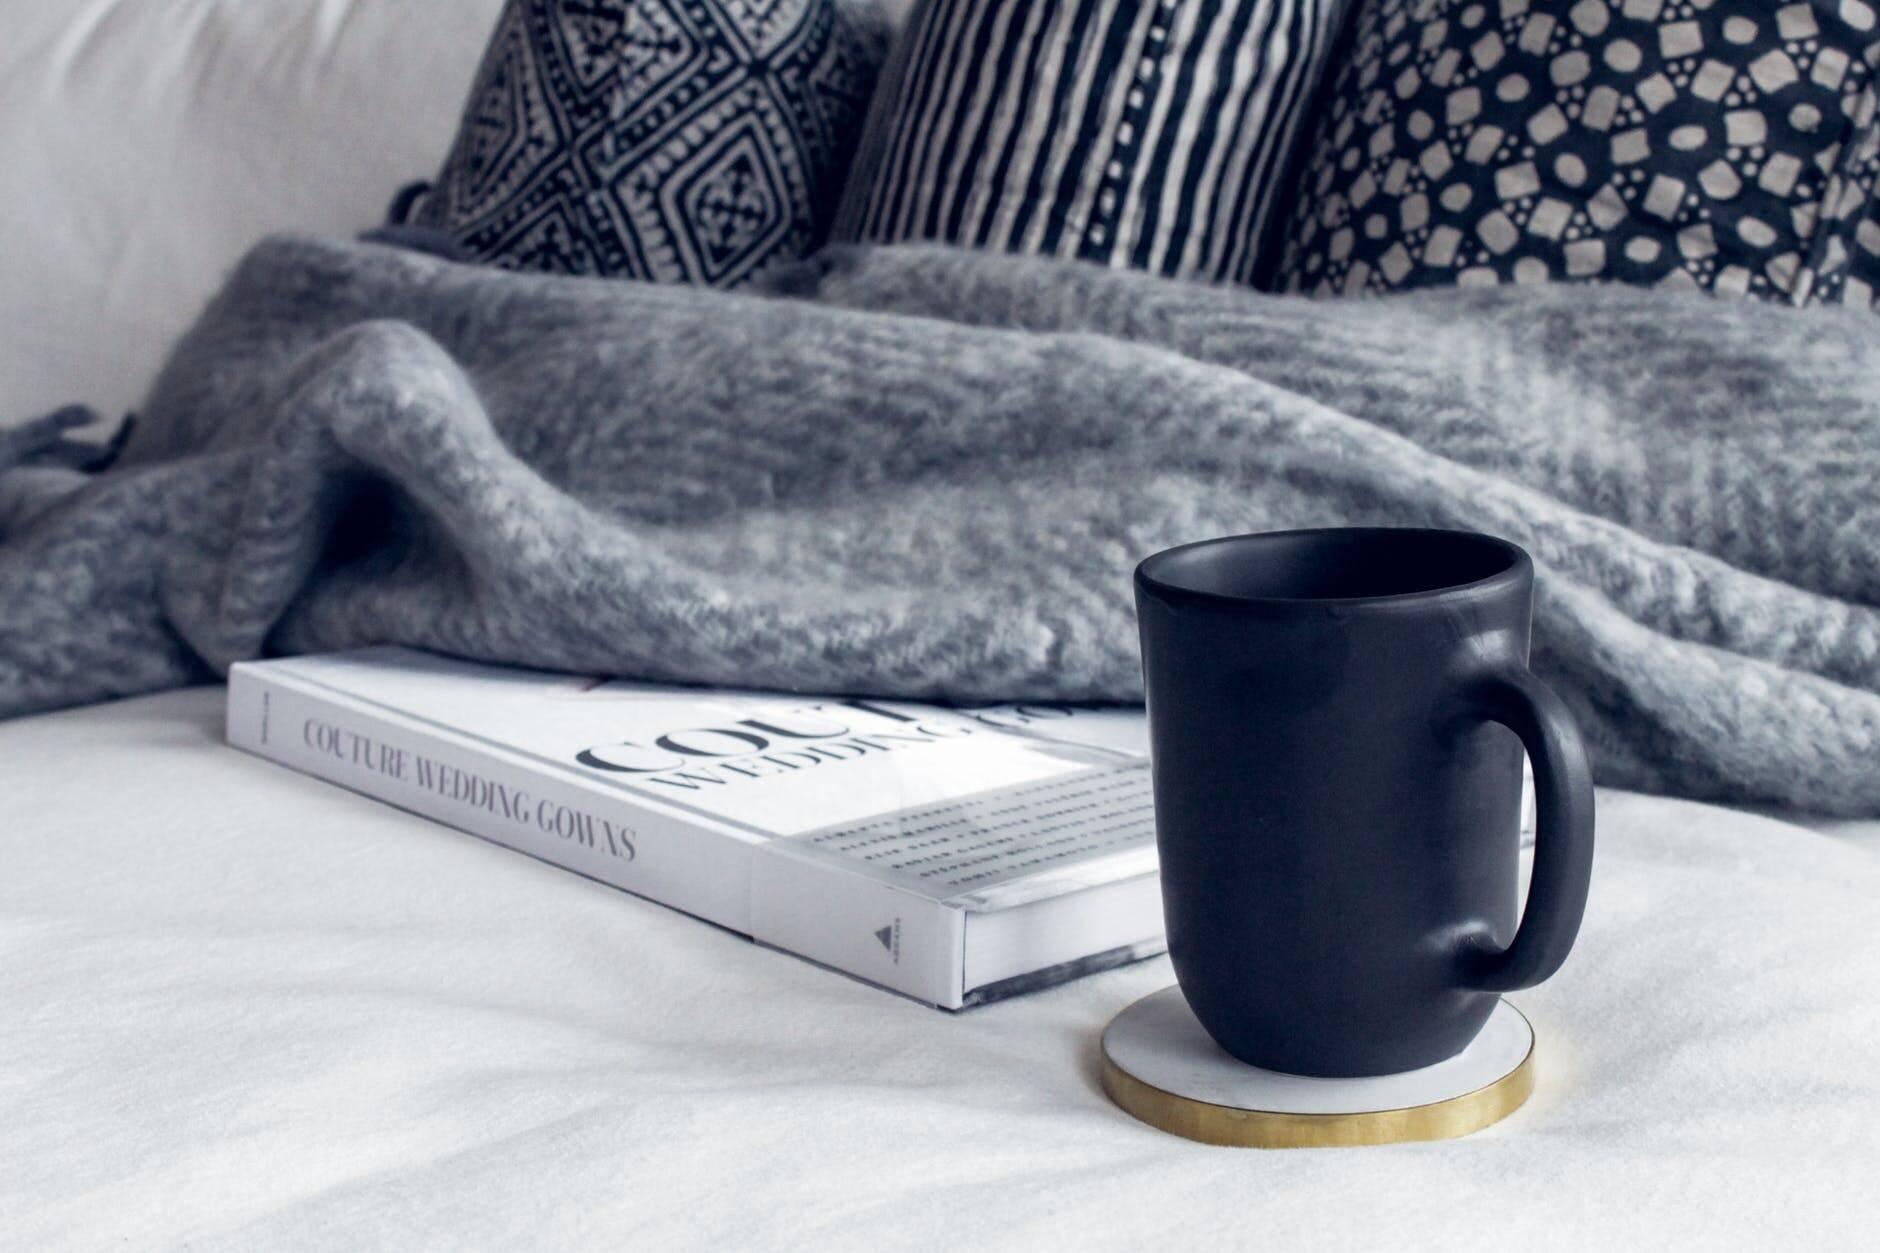 Aposte em tapetes, carpetes e almofadas de tecidos quentes ou materiais felpudos, como pelegos, pelúcia e veludo. Eles são um charme e ajudam a aquecer os ambientes da casa. (Foto: Unsplash)